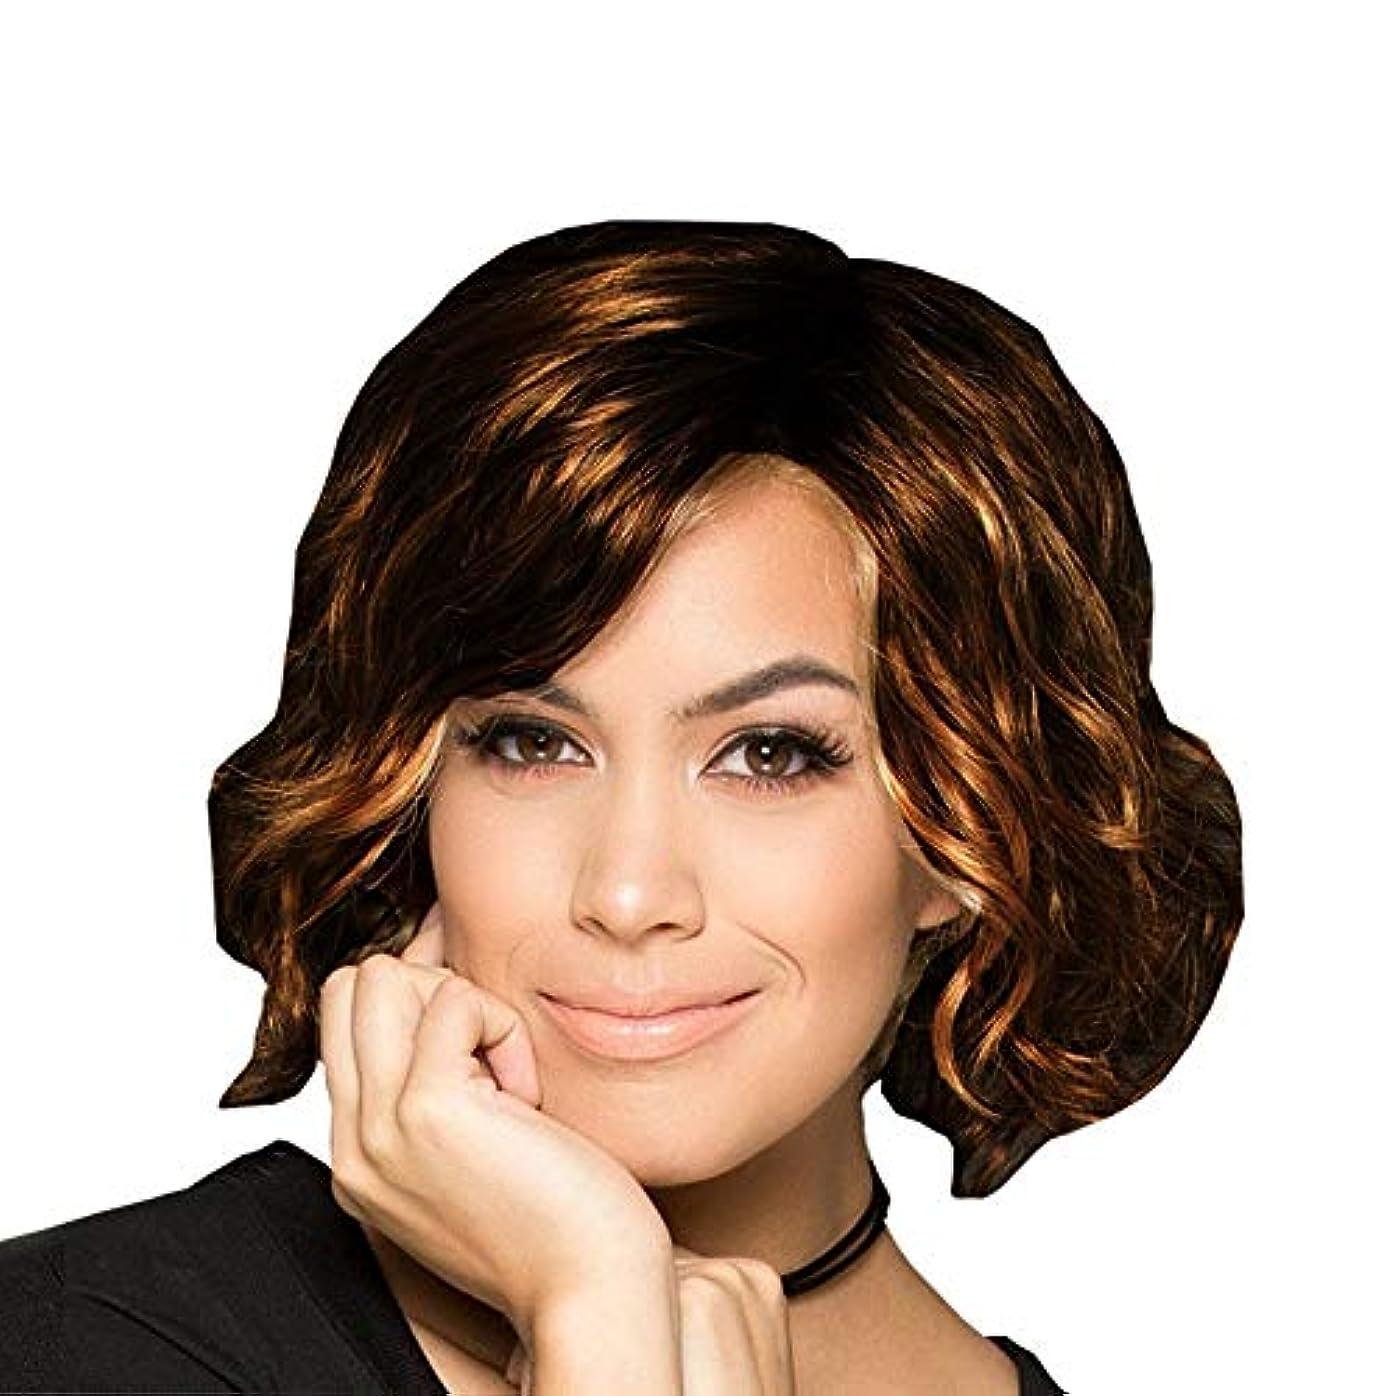 信じる単調な誇大妄想WASAIO 女性のショートカーリーウィッグブロンドの髪ショートボブウィッグ (色 : B)